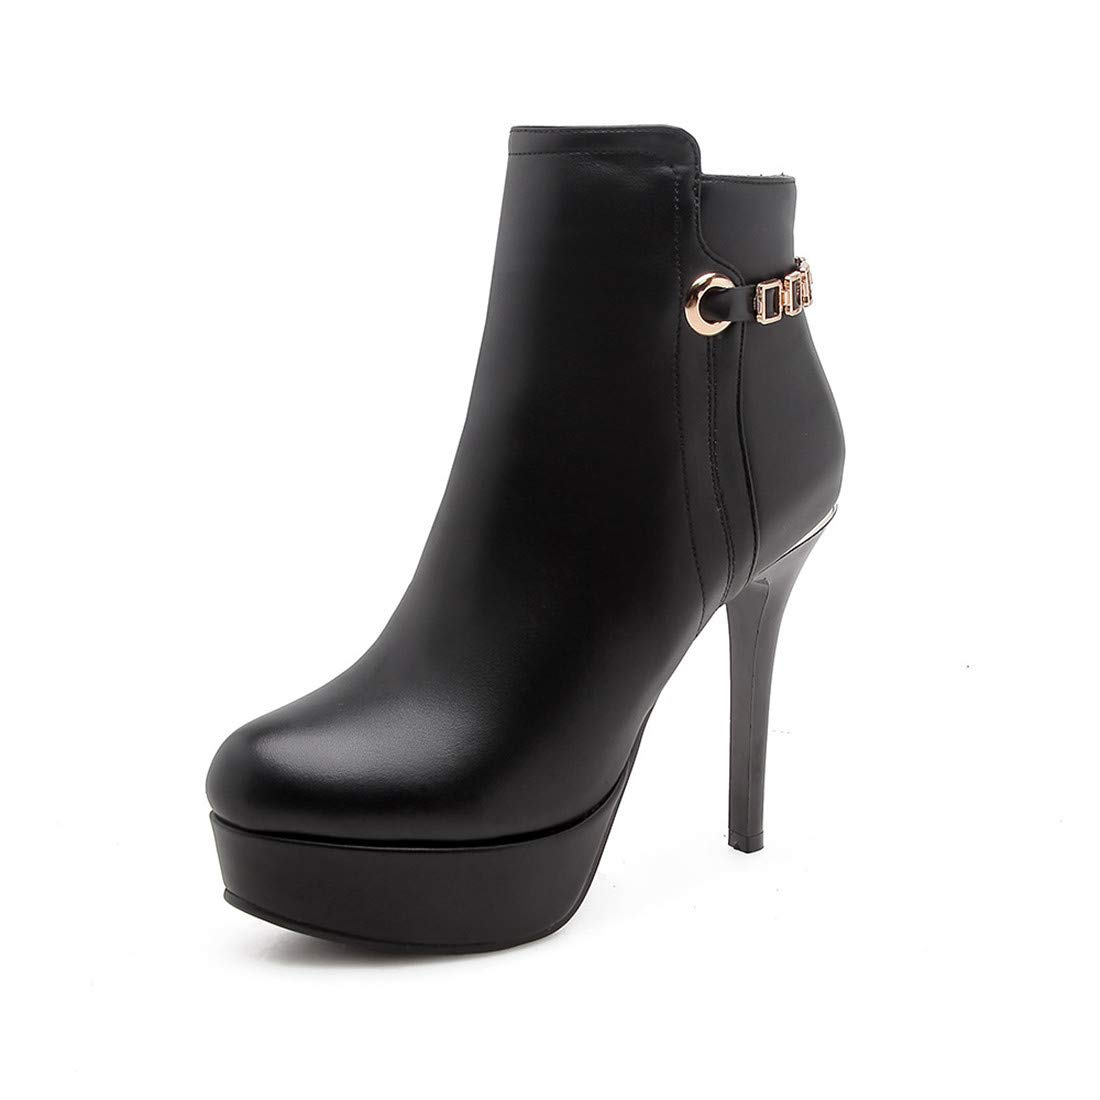 Stiefel  Wasserdichte Plattformstiefel   Sexy Damenschuhe im europäischen Heel und amerikanischen Stil High Heel europäischen Stiefel für Frauen 82a53d